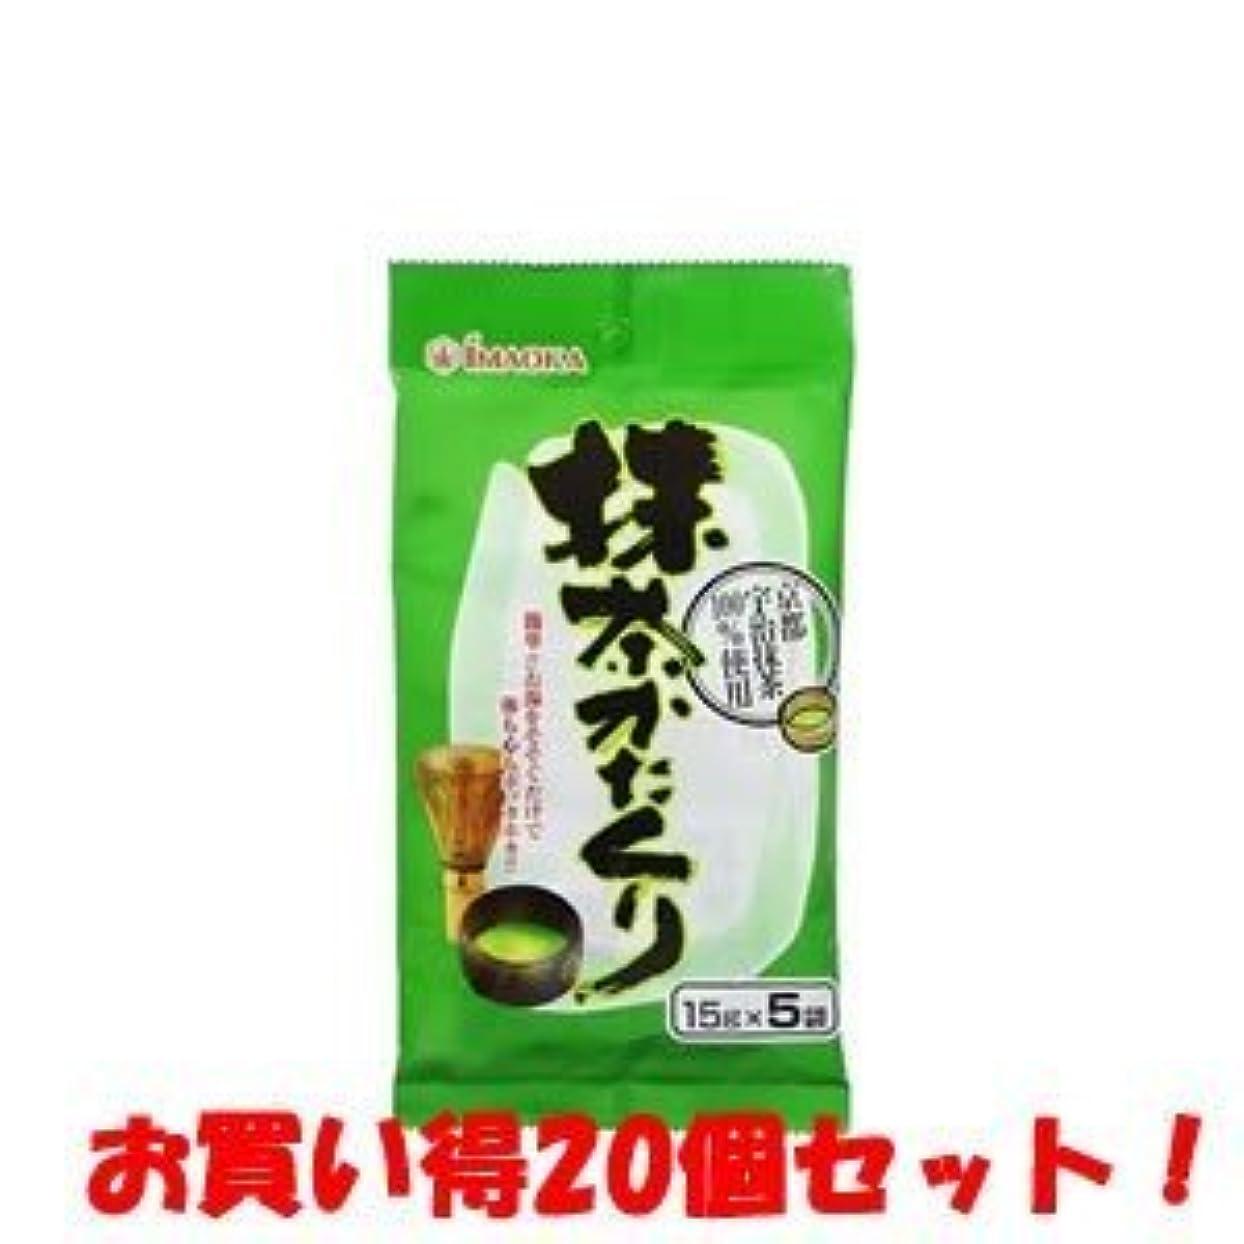 フリル専門知識データベース(今岡製菓)抹茶かたくり 15g×5袋(お買い得20個セット)